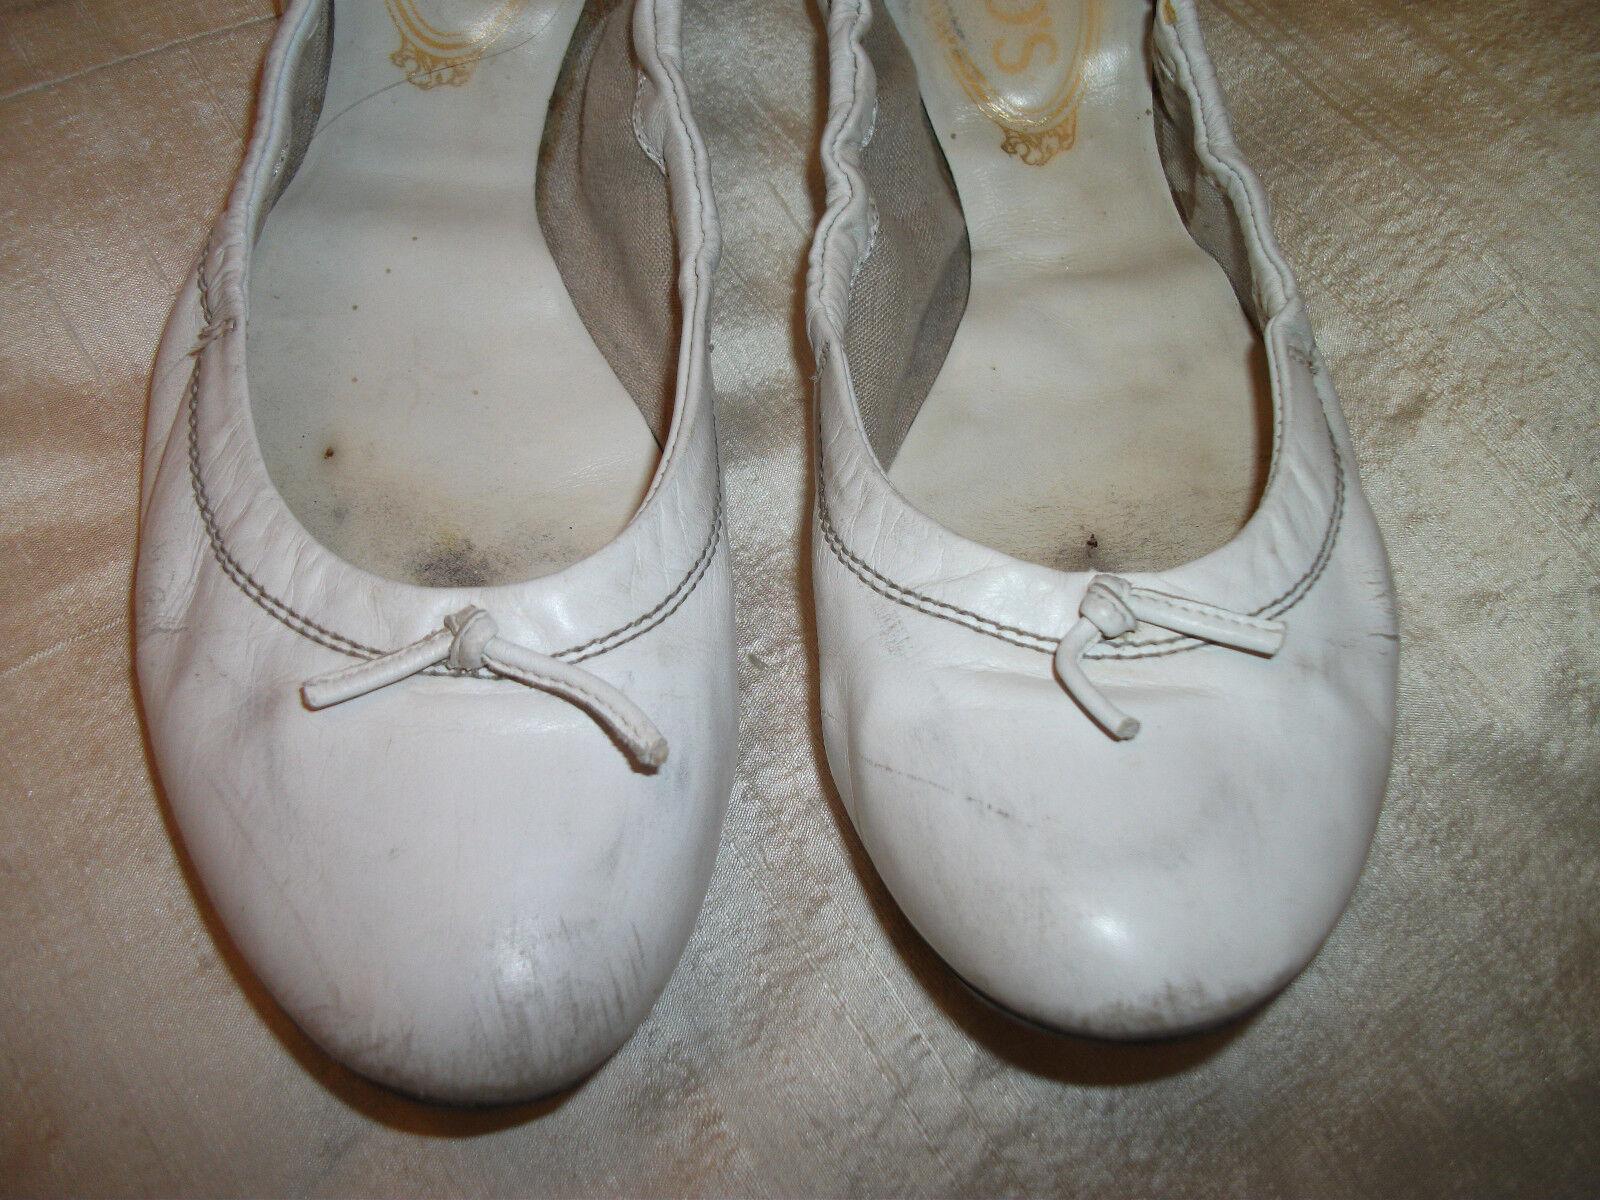 ORIG. TOD'S - esclusivo, di alta qualità, esclusivo, - di colore bianco-Ballerine Tg. 37 0dfad9